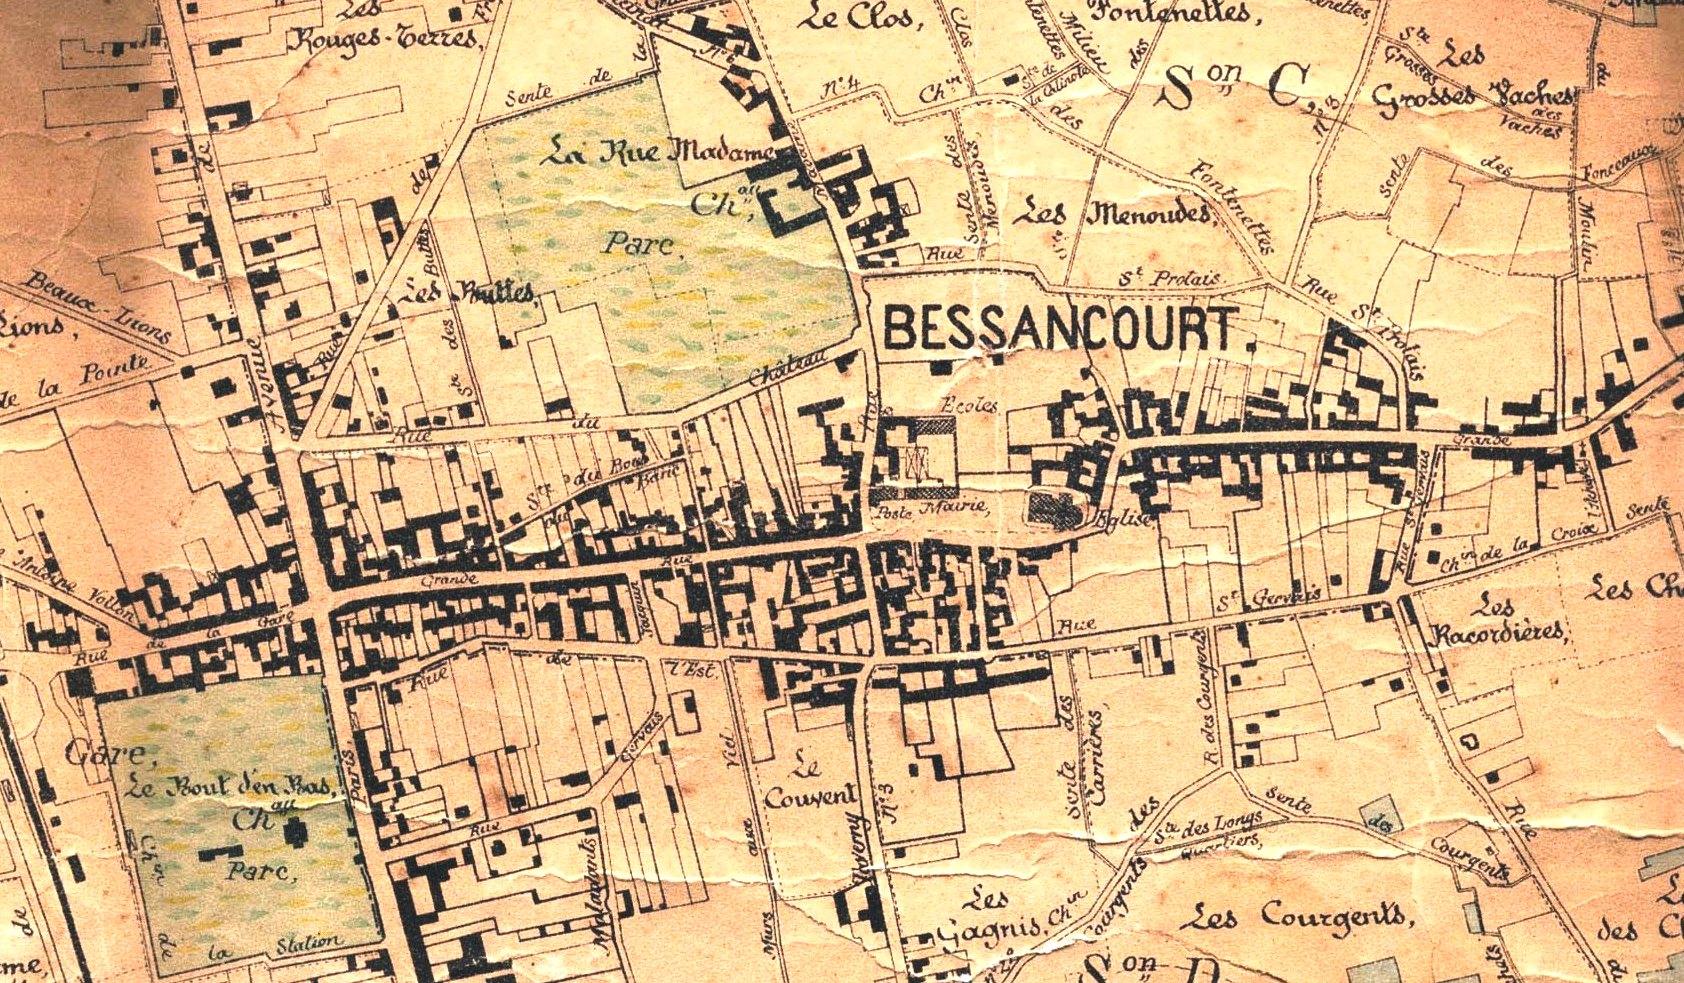 Bessancourt au 19eme siècle